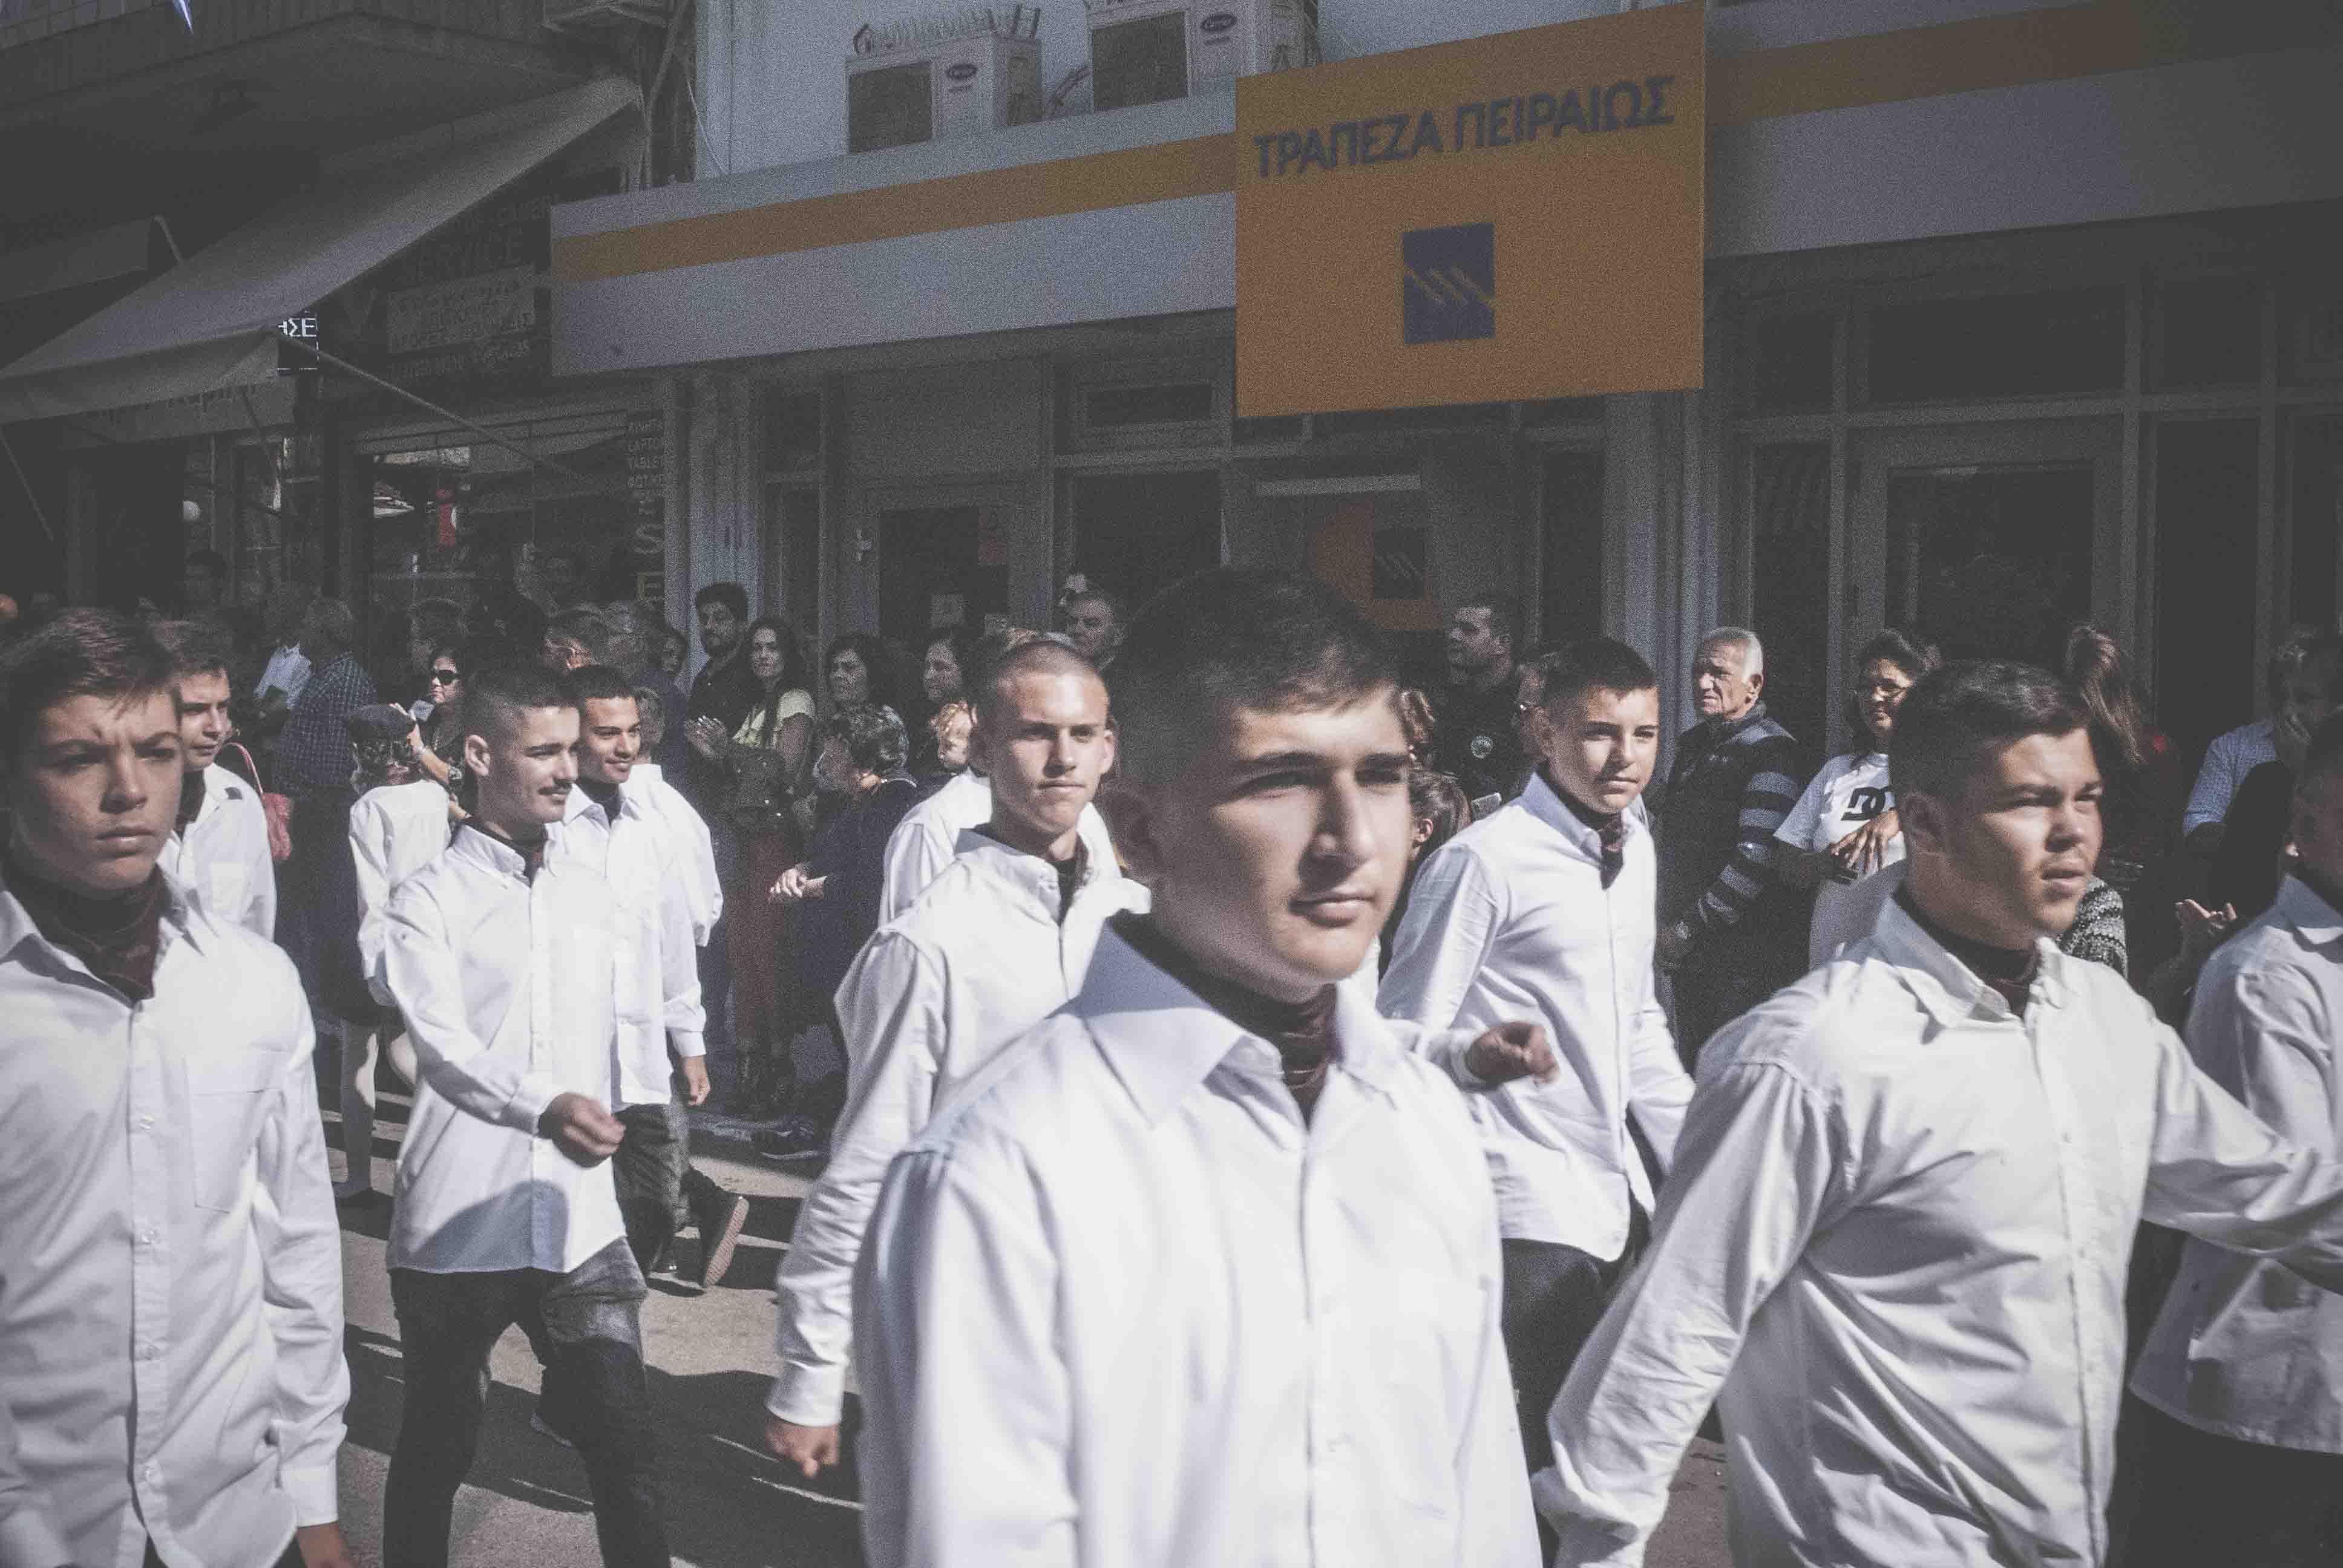 Φωτογραφικό υλικό από την παρέλαση στα Ψαχνά Φωτογραφικό υλικό από την παρέλαση στα Ψαχνά DSC 0442